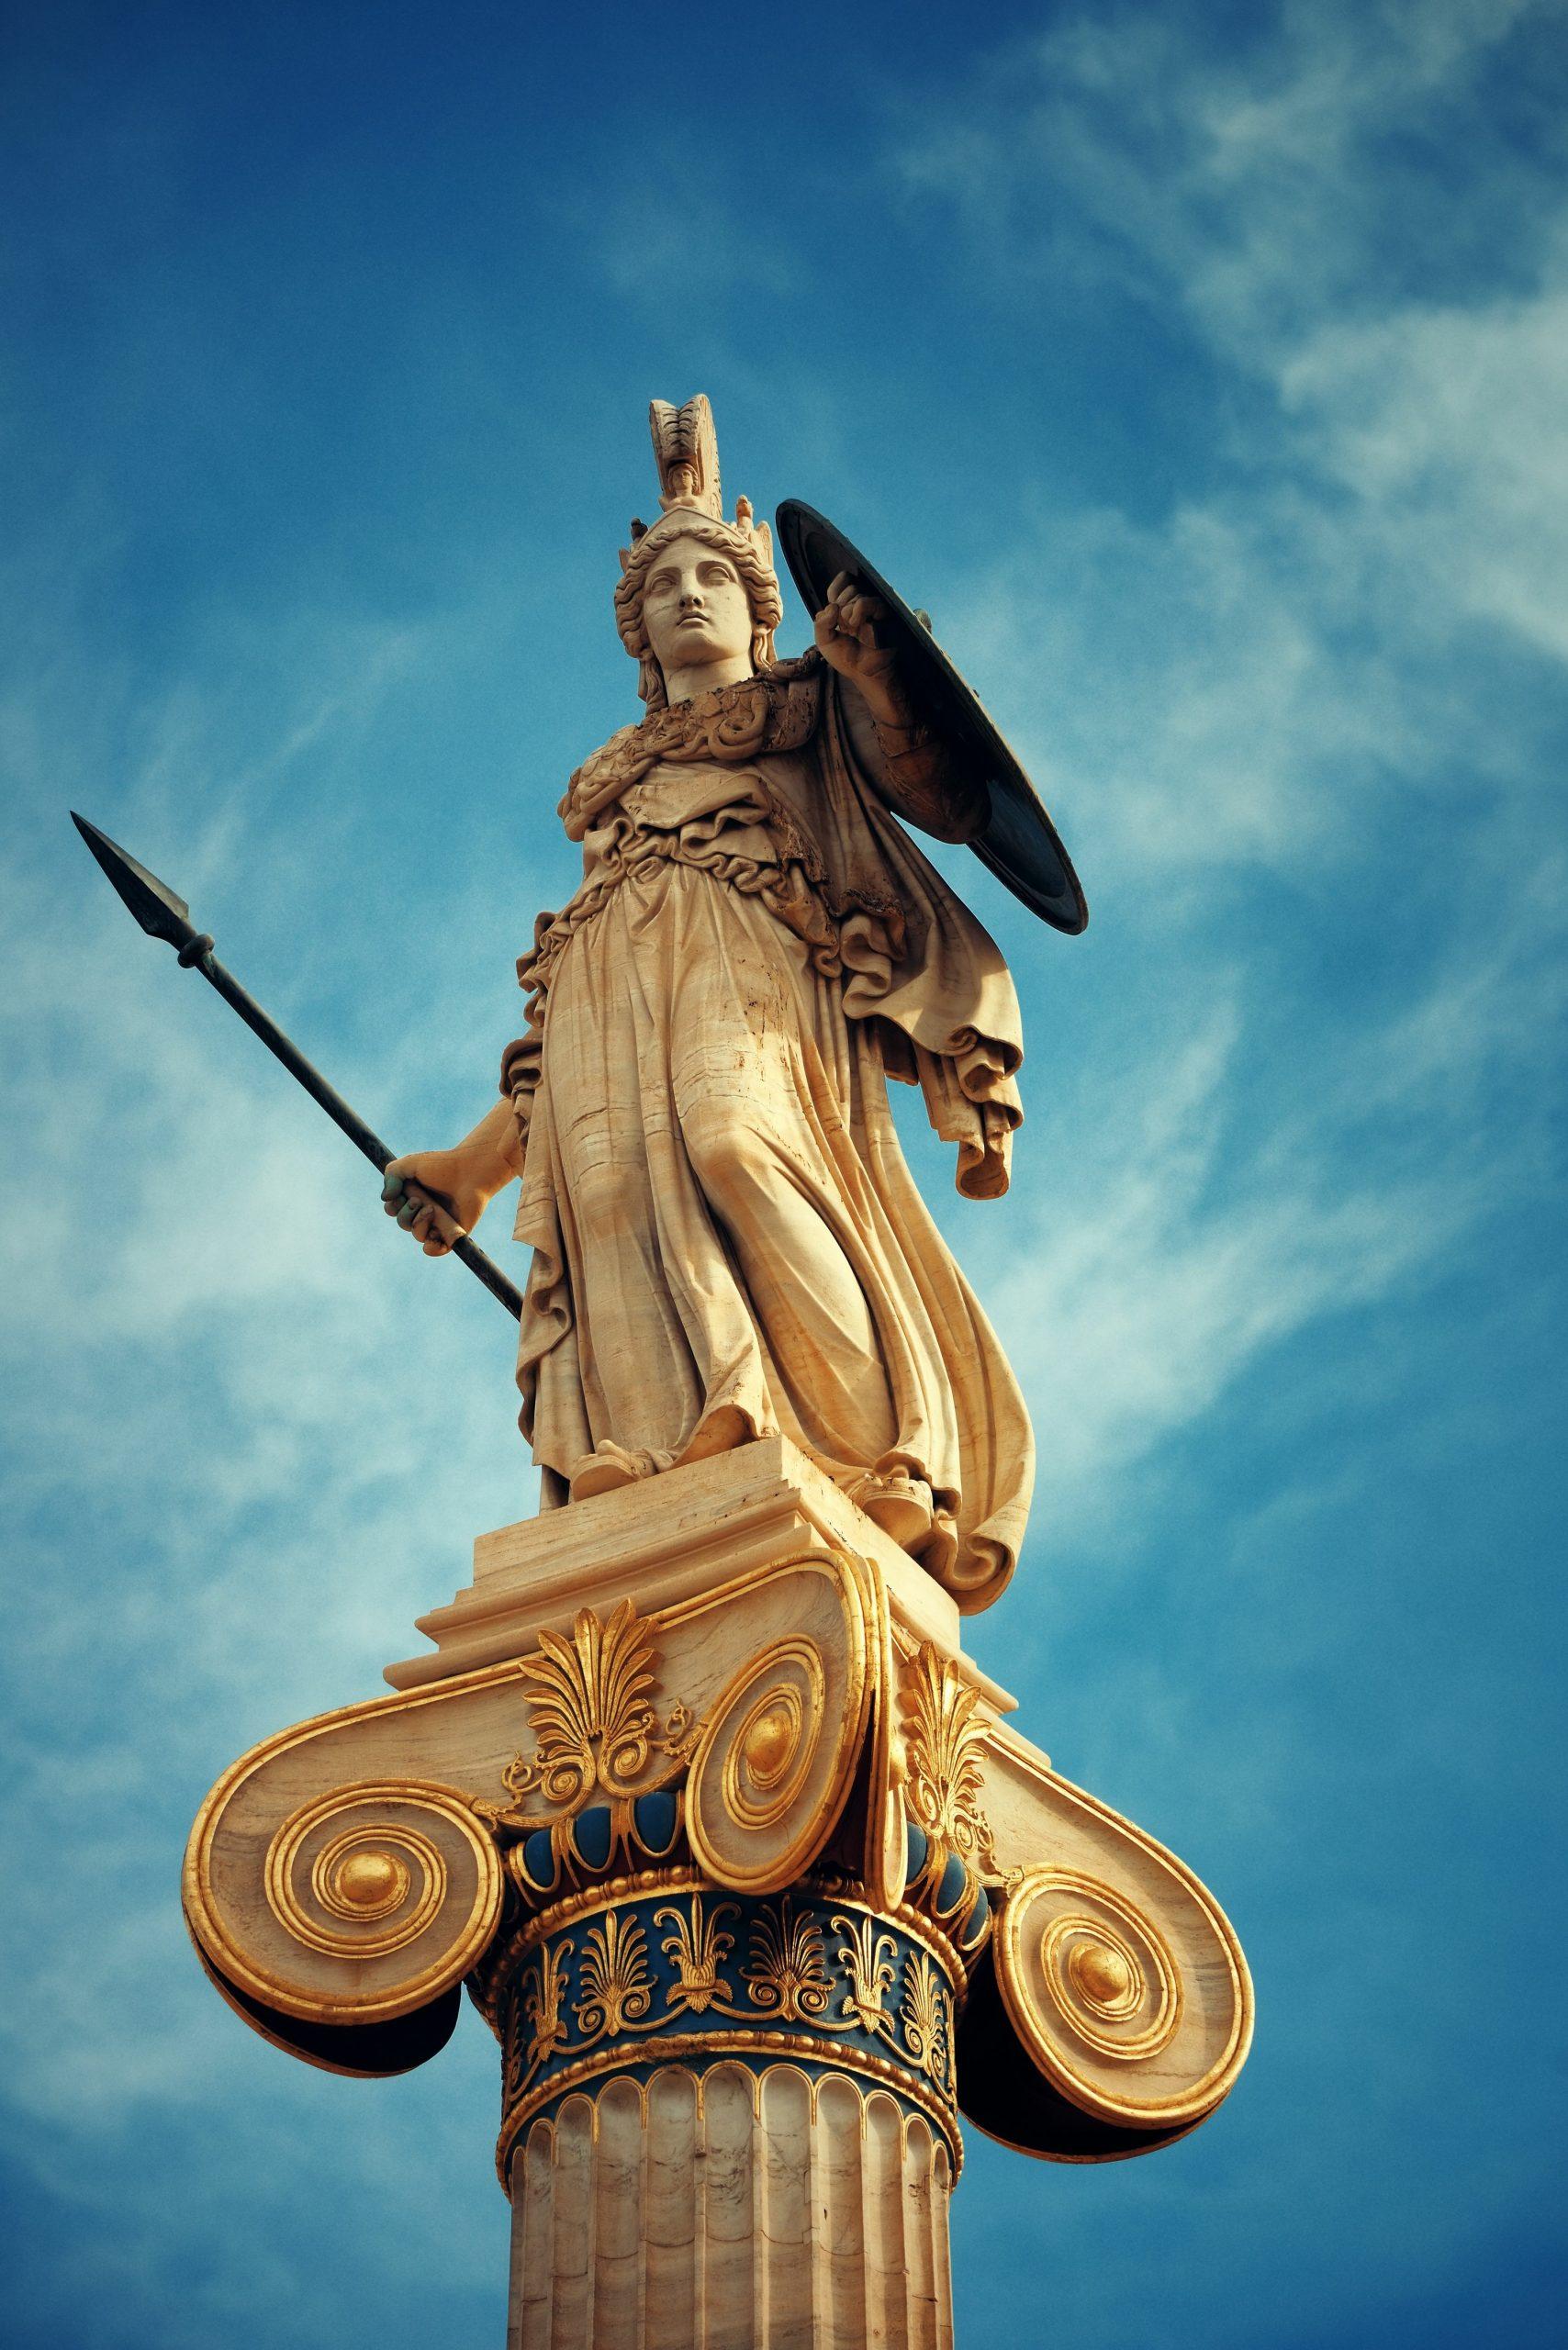 statue athena photo athenes guerre perles pierres monts et merveilles